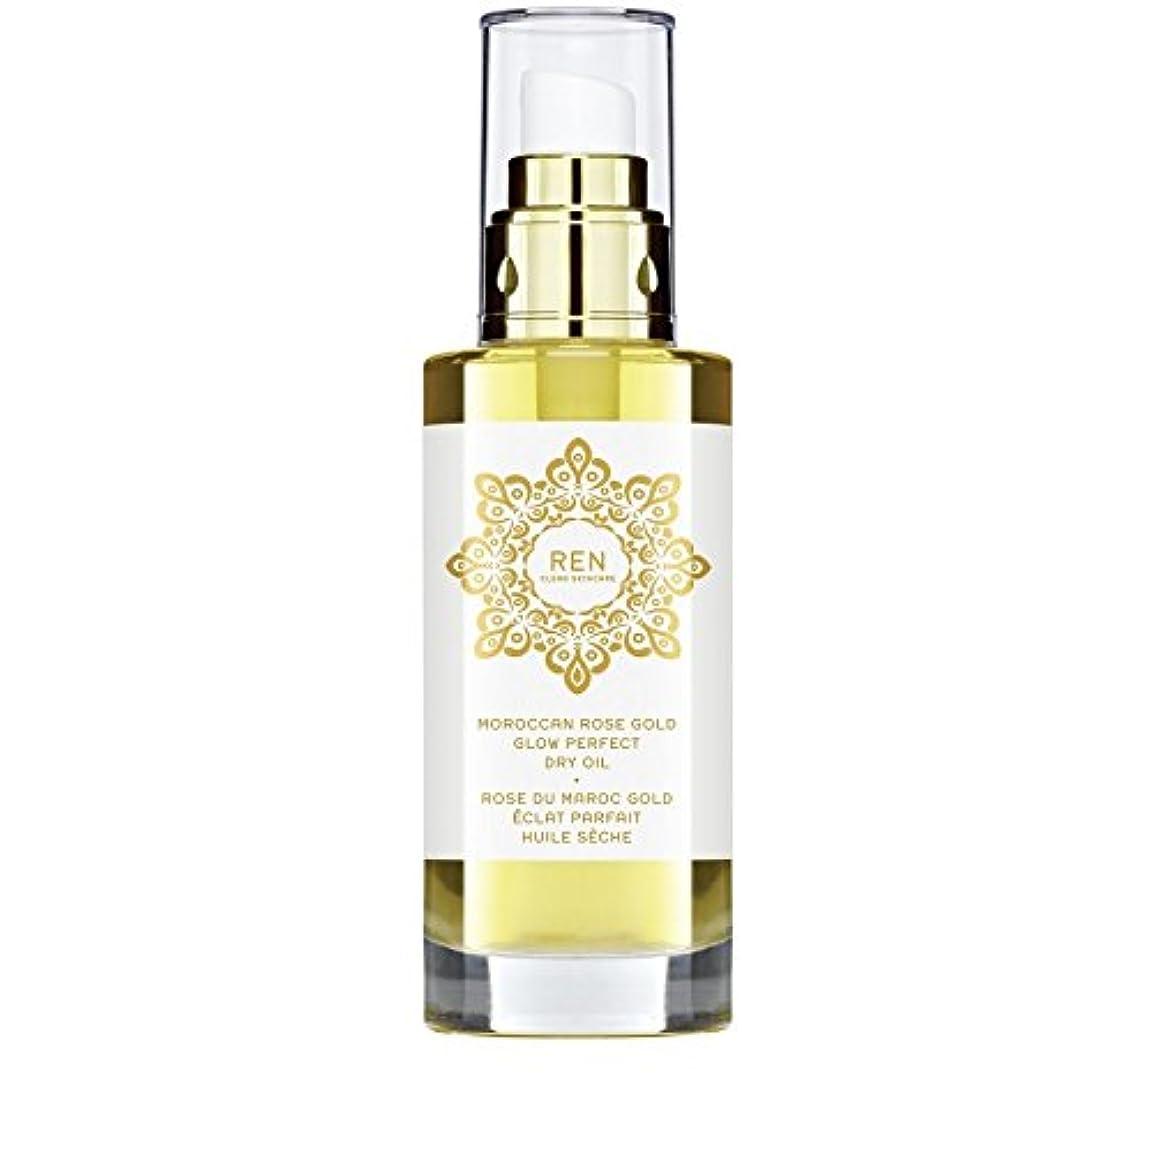 権利を与える噴出する閃光モロッコは金が完璧なドライオイル100ミリリットルグローバラ x2 - REN Moroccan Rose Gold Glow Perfect Dry Oil 100ml (Pack of 2) [並行輸入品]